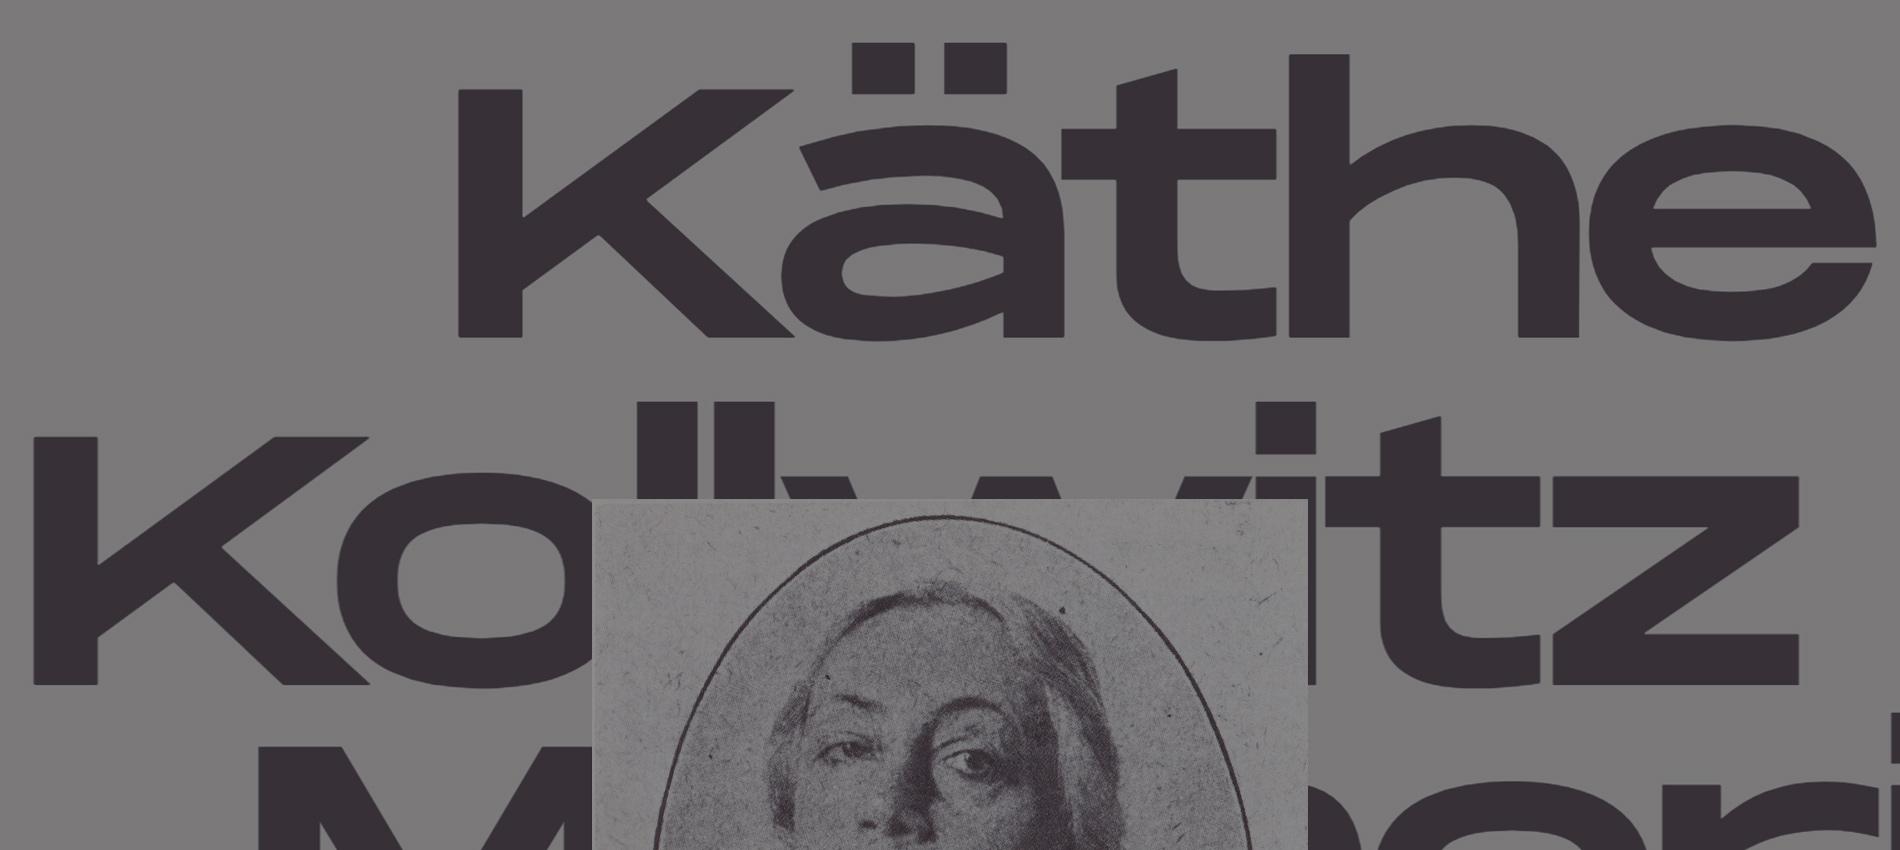 Case Study: Käthe Kollwitz